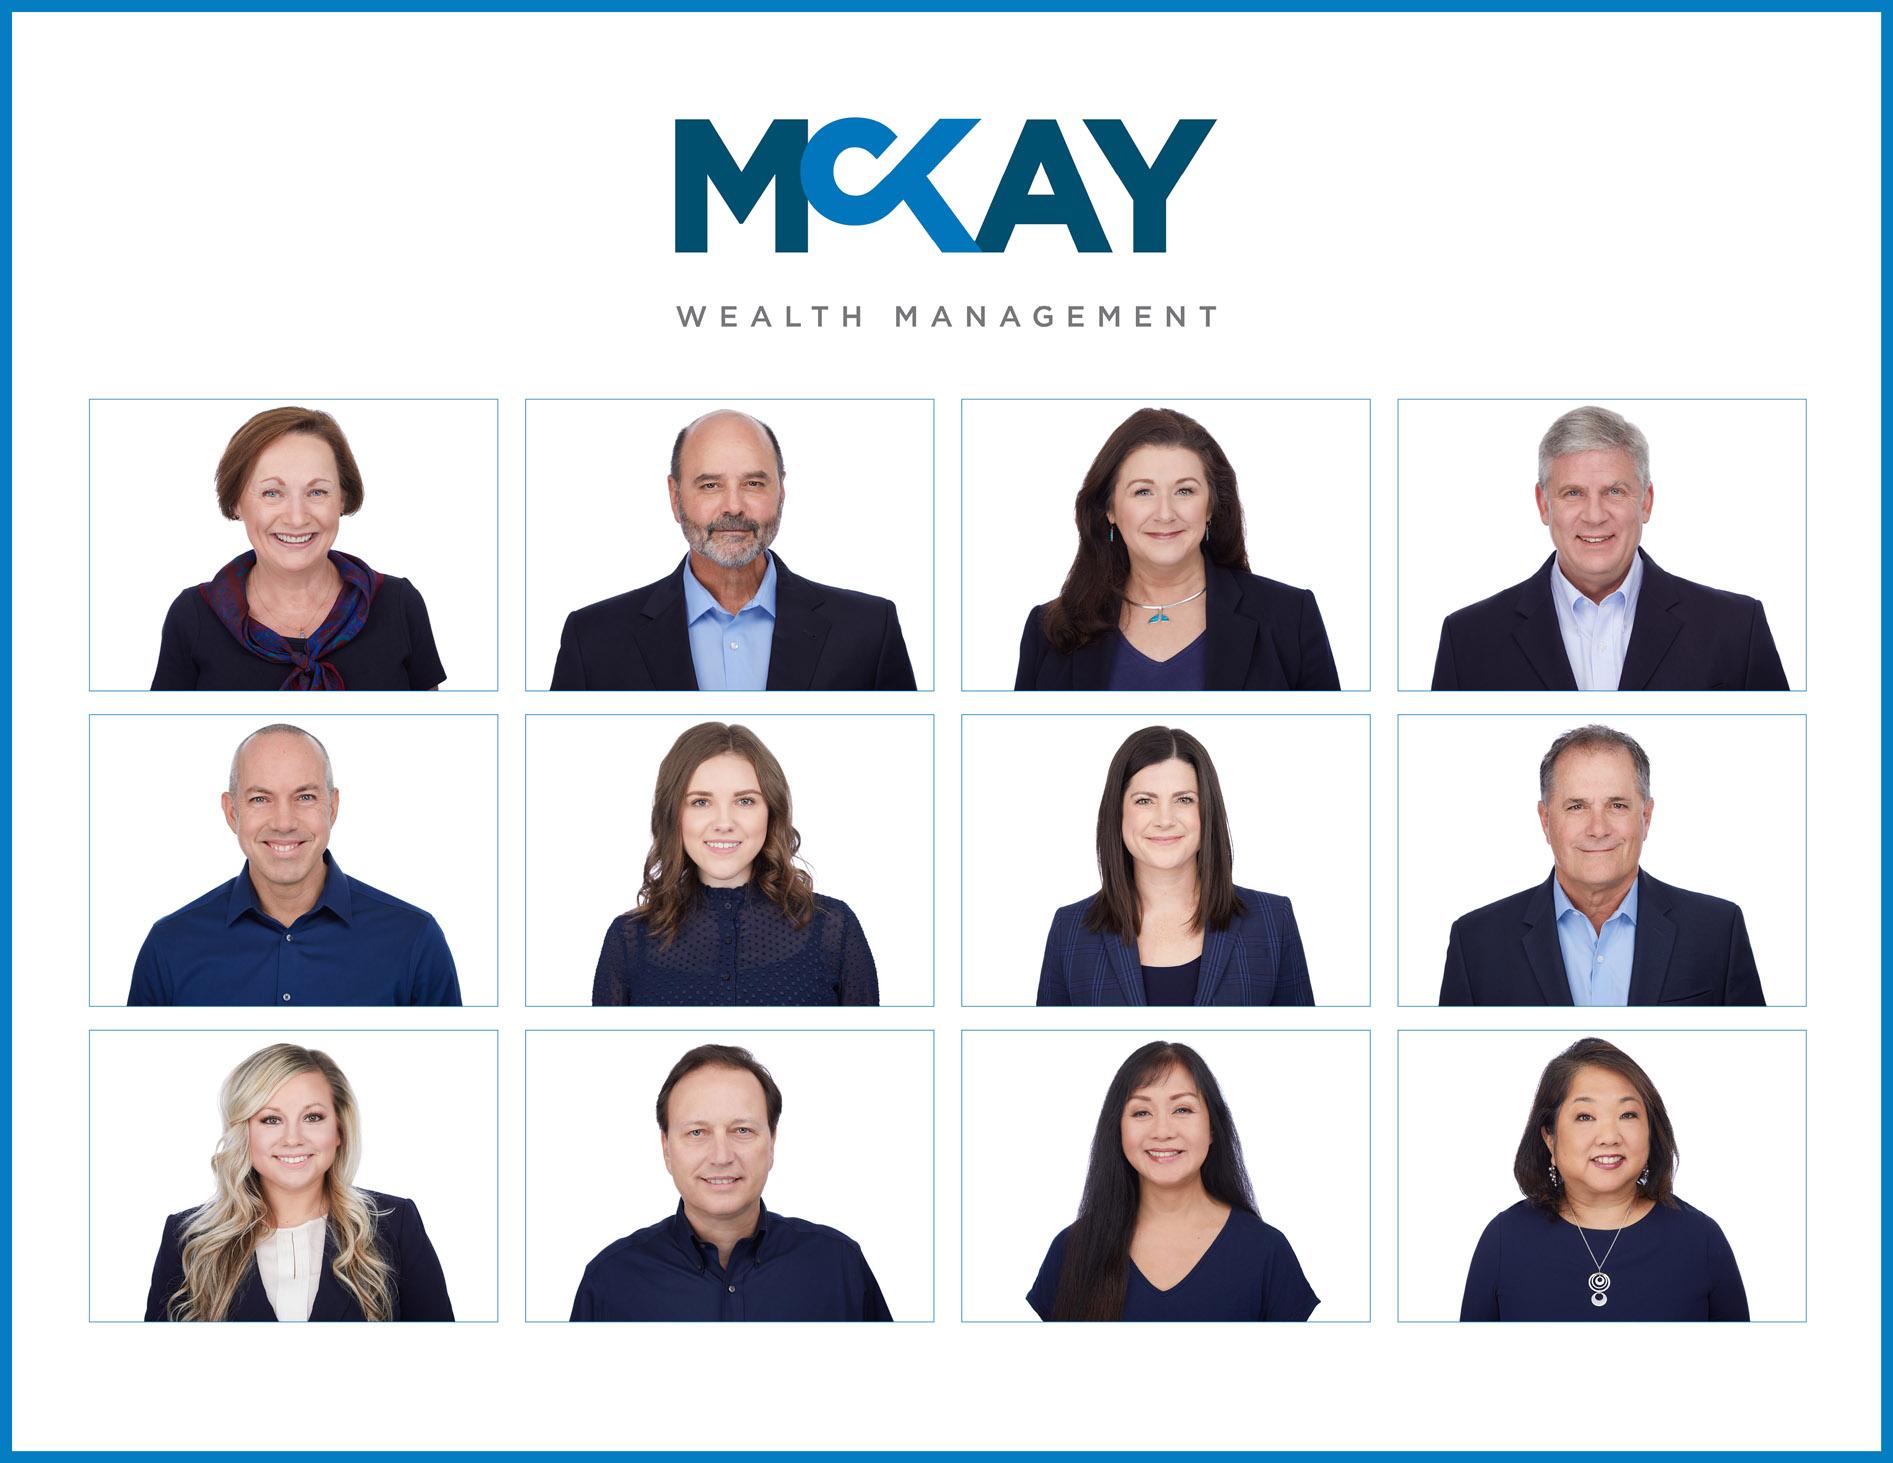 McKay Wealth Management Headshot Grid